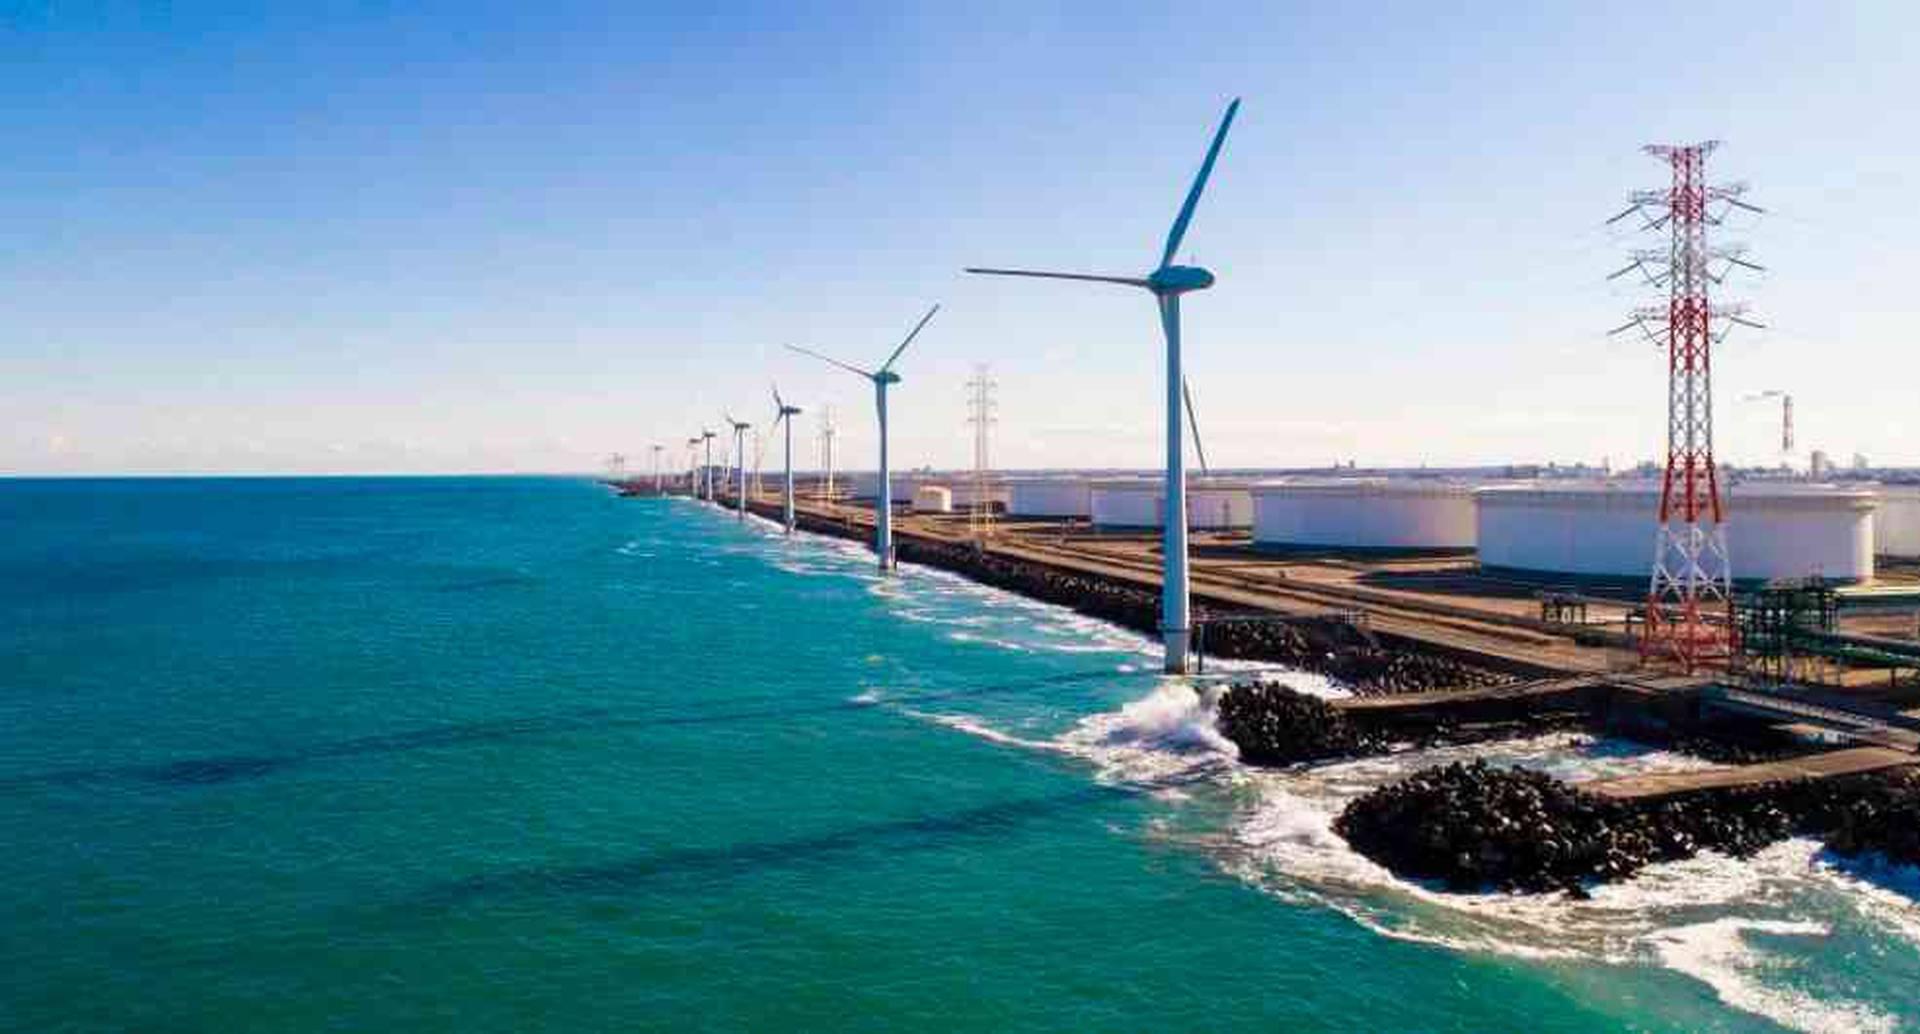 La operación de una turbina eólica de 2 megavatios requiere de 5 a 12 toneladas de cobre para su construcción. Foto: archivo/Semana.